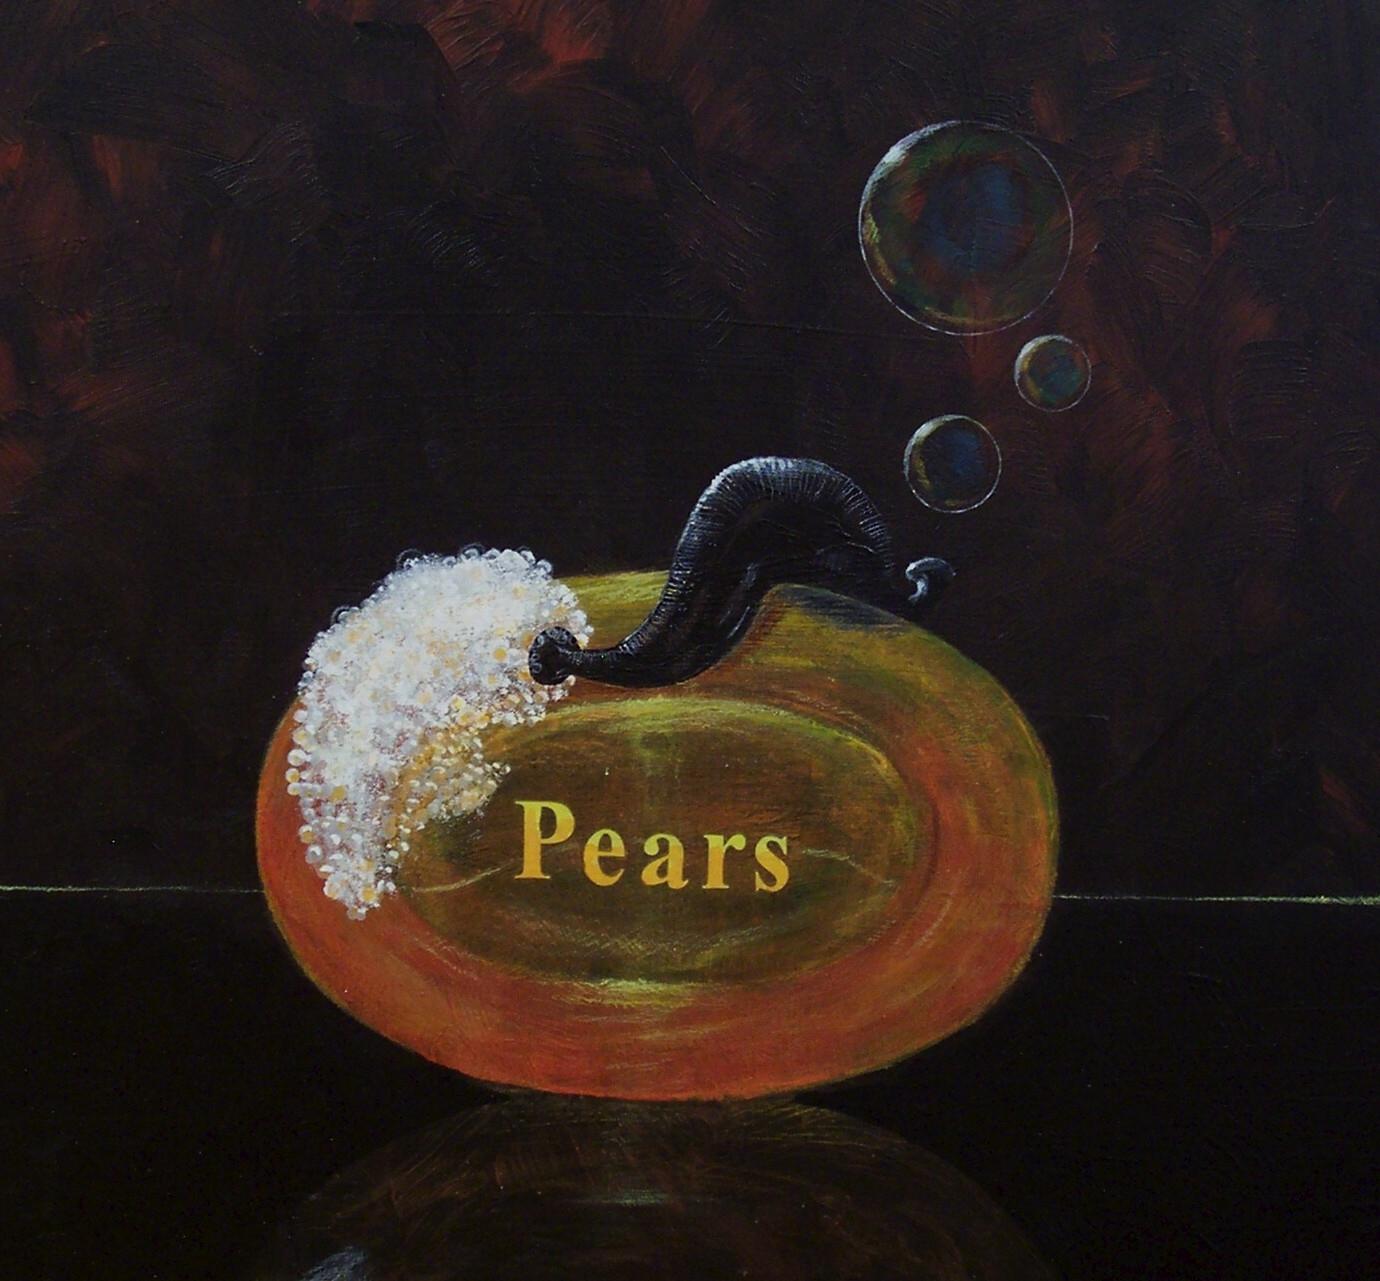 Rob Kirbyson, Pears, 2012, Acrylics on aluminium, 45 x 40 cm.